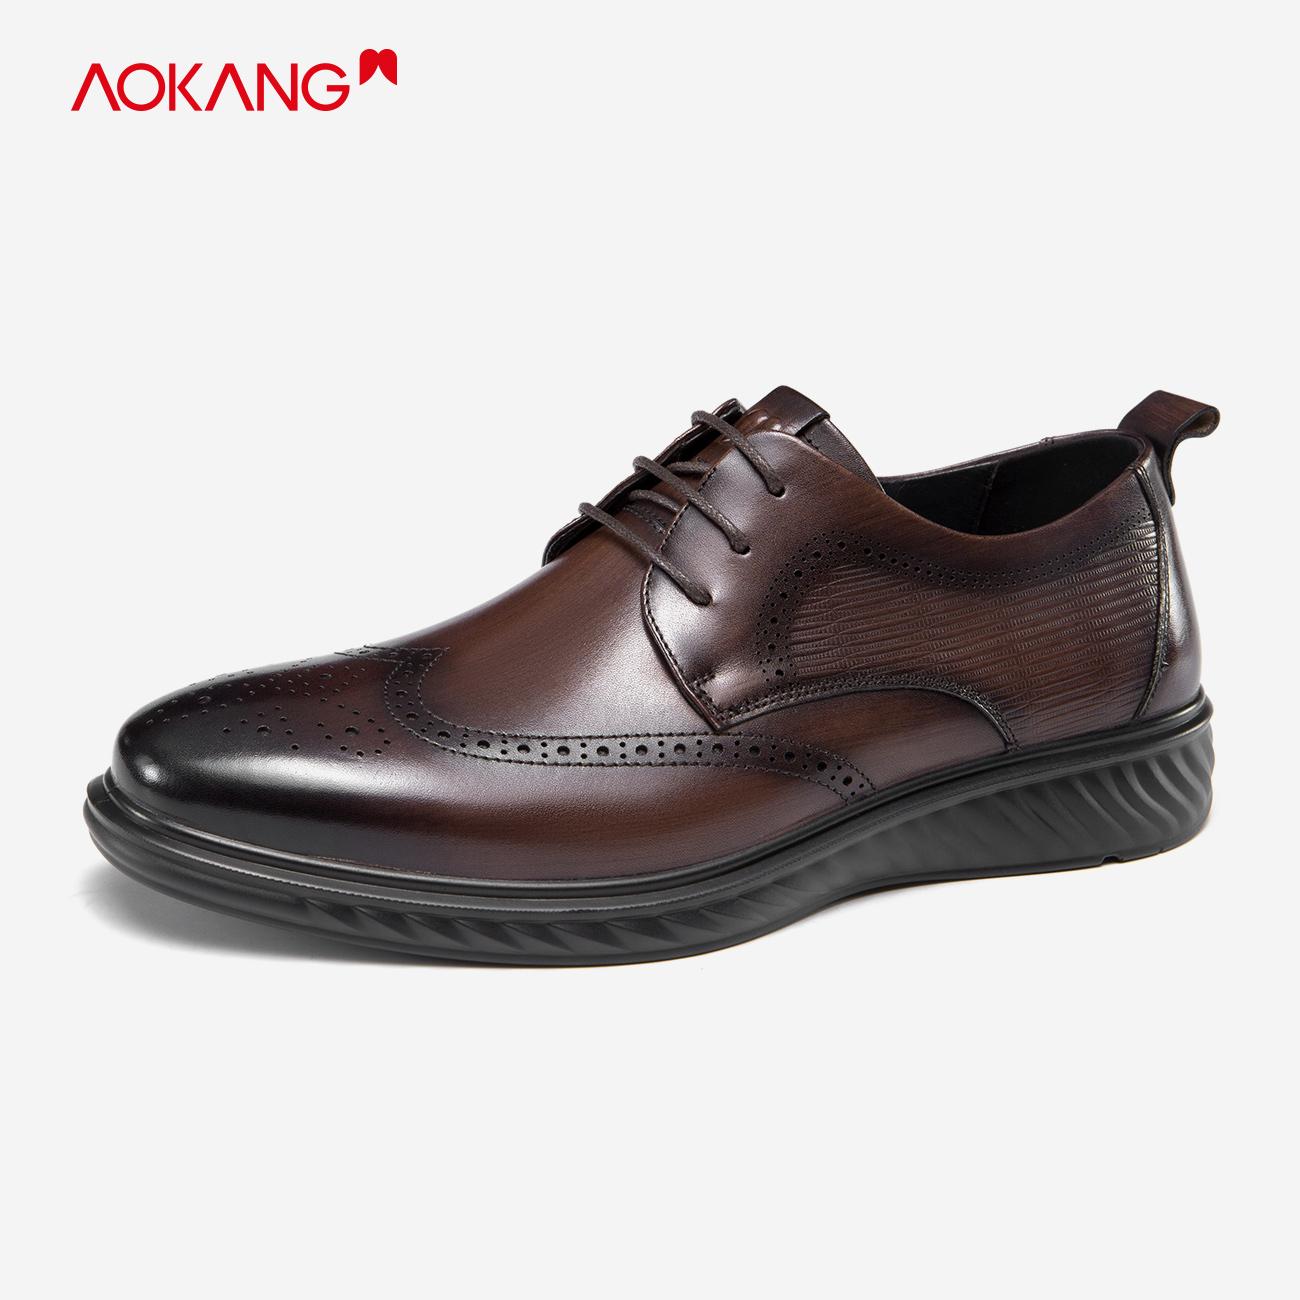 奥康男鞋 2021春季新款商务正装皮鞋男头层牛皮鞋德比男士系带鞋